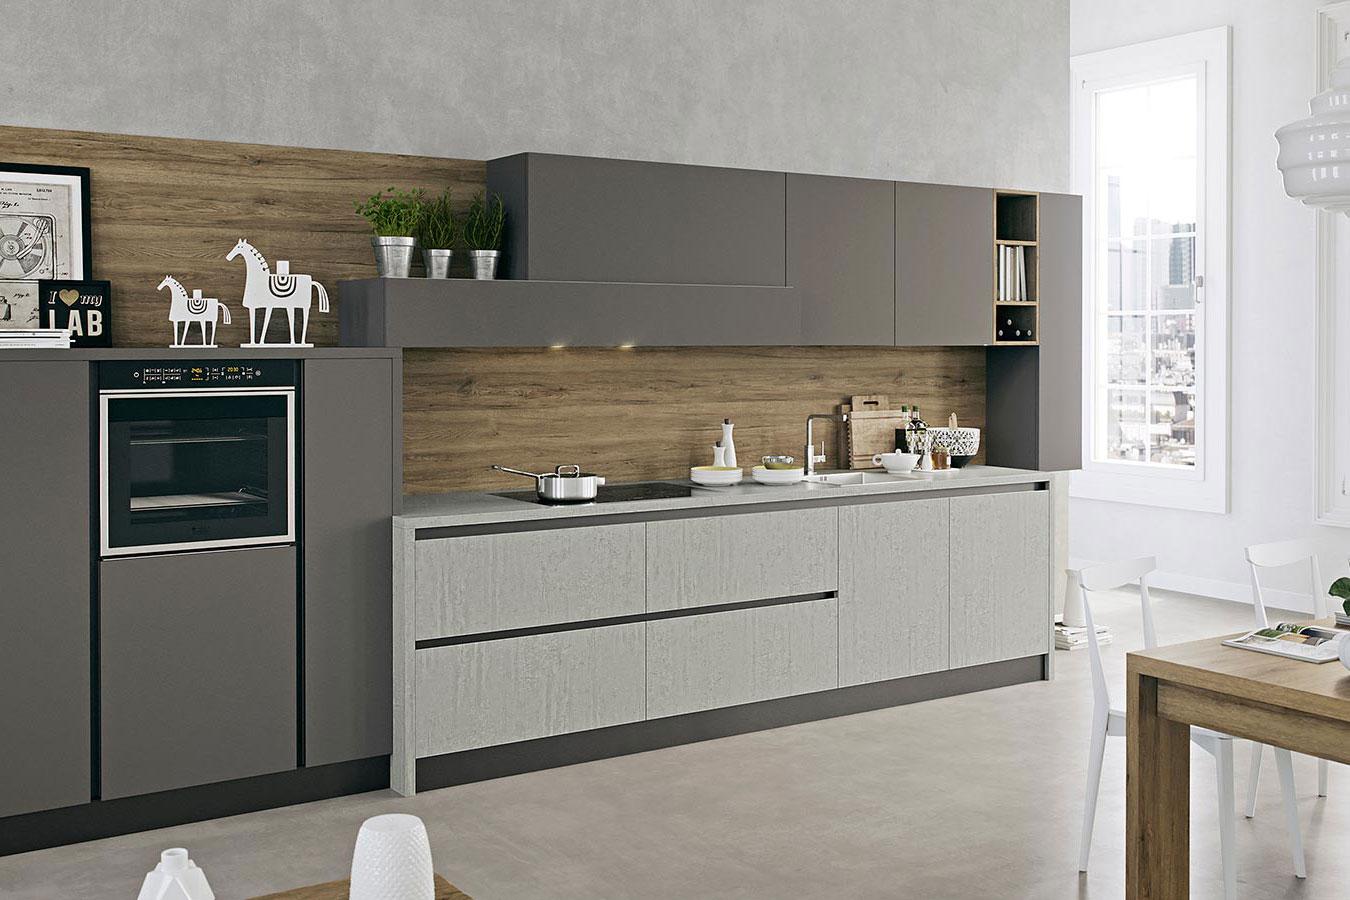 Cucina kal di arredo3 righetti mobili novara for Cucina verona arredo 3